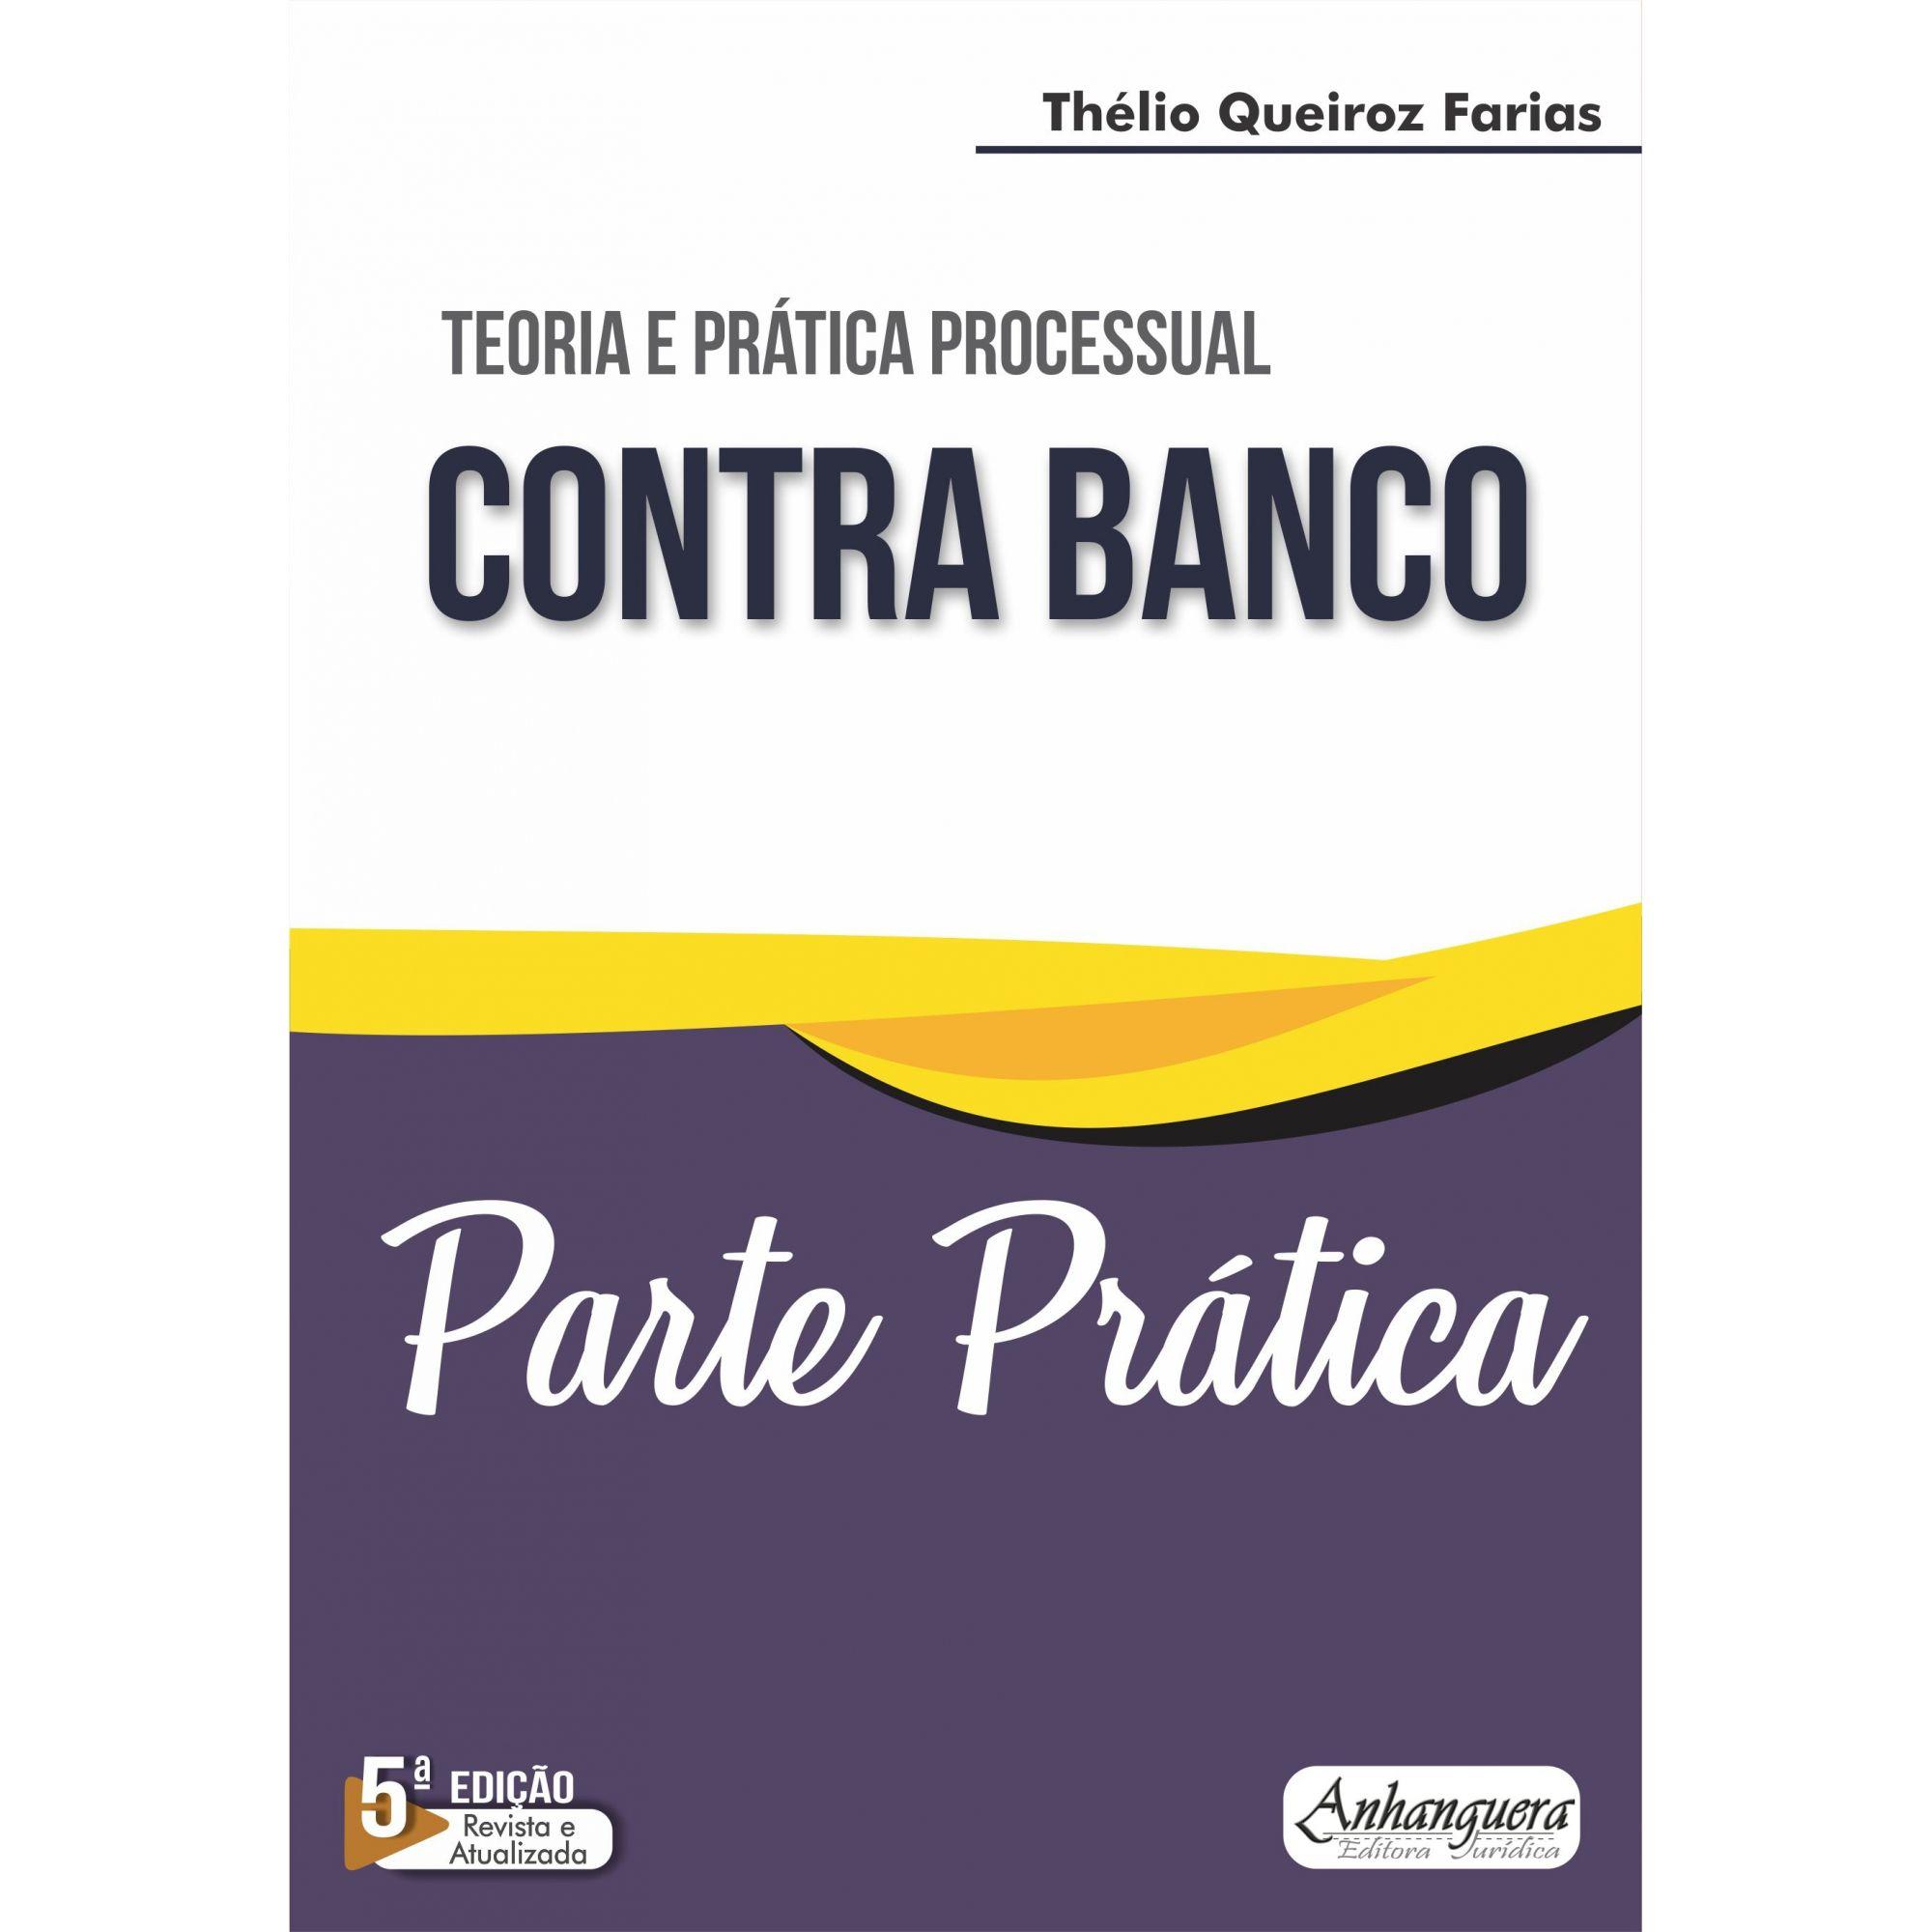 Parte Prática - Prática Processual Contra Banco (SOMENTE PARTE PRÁTICA)  - Edijur Editora